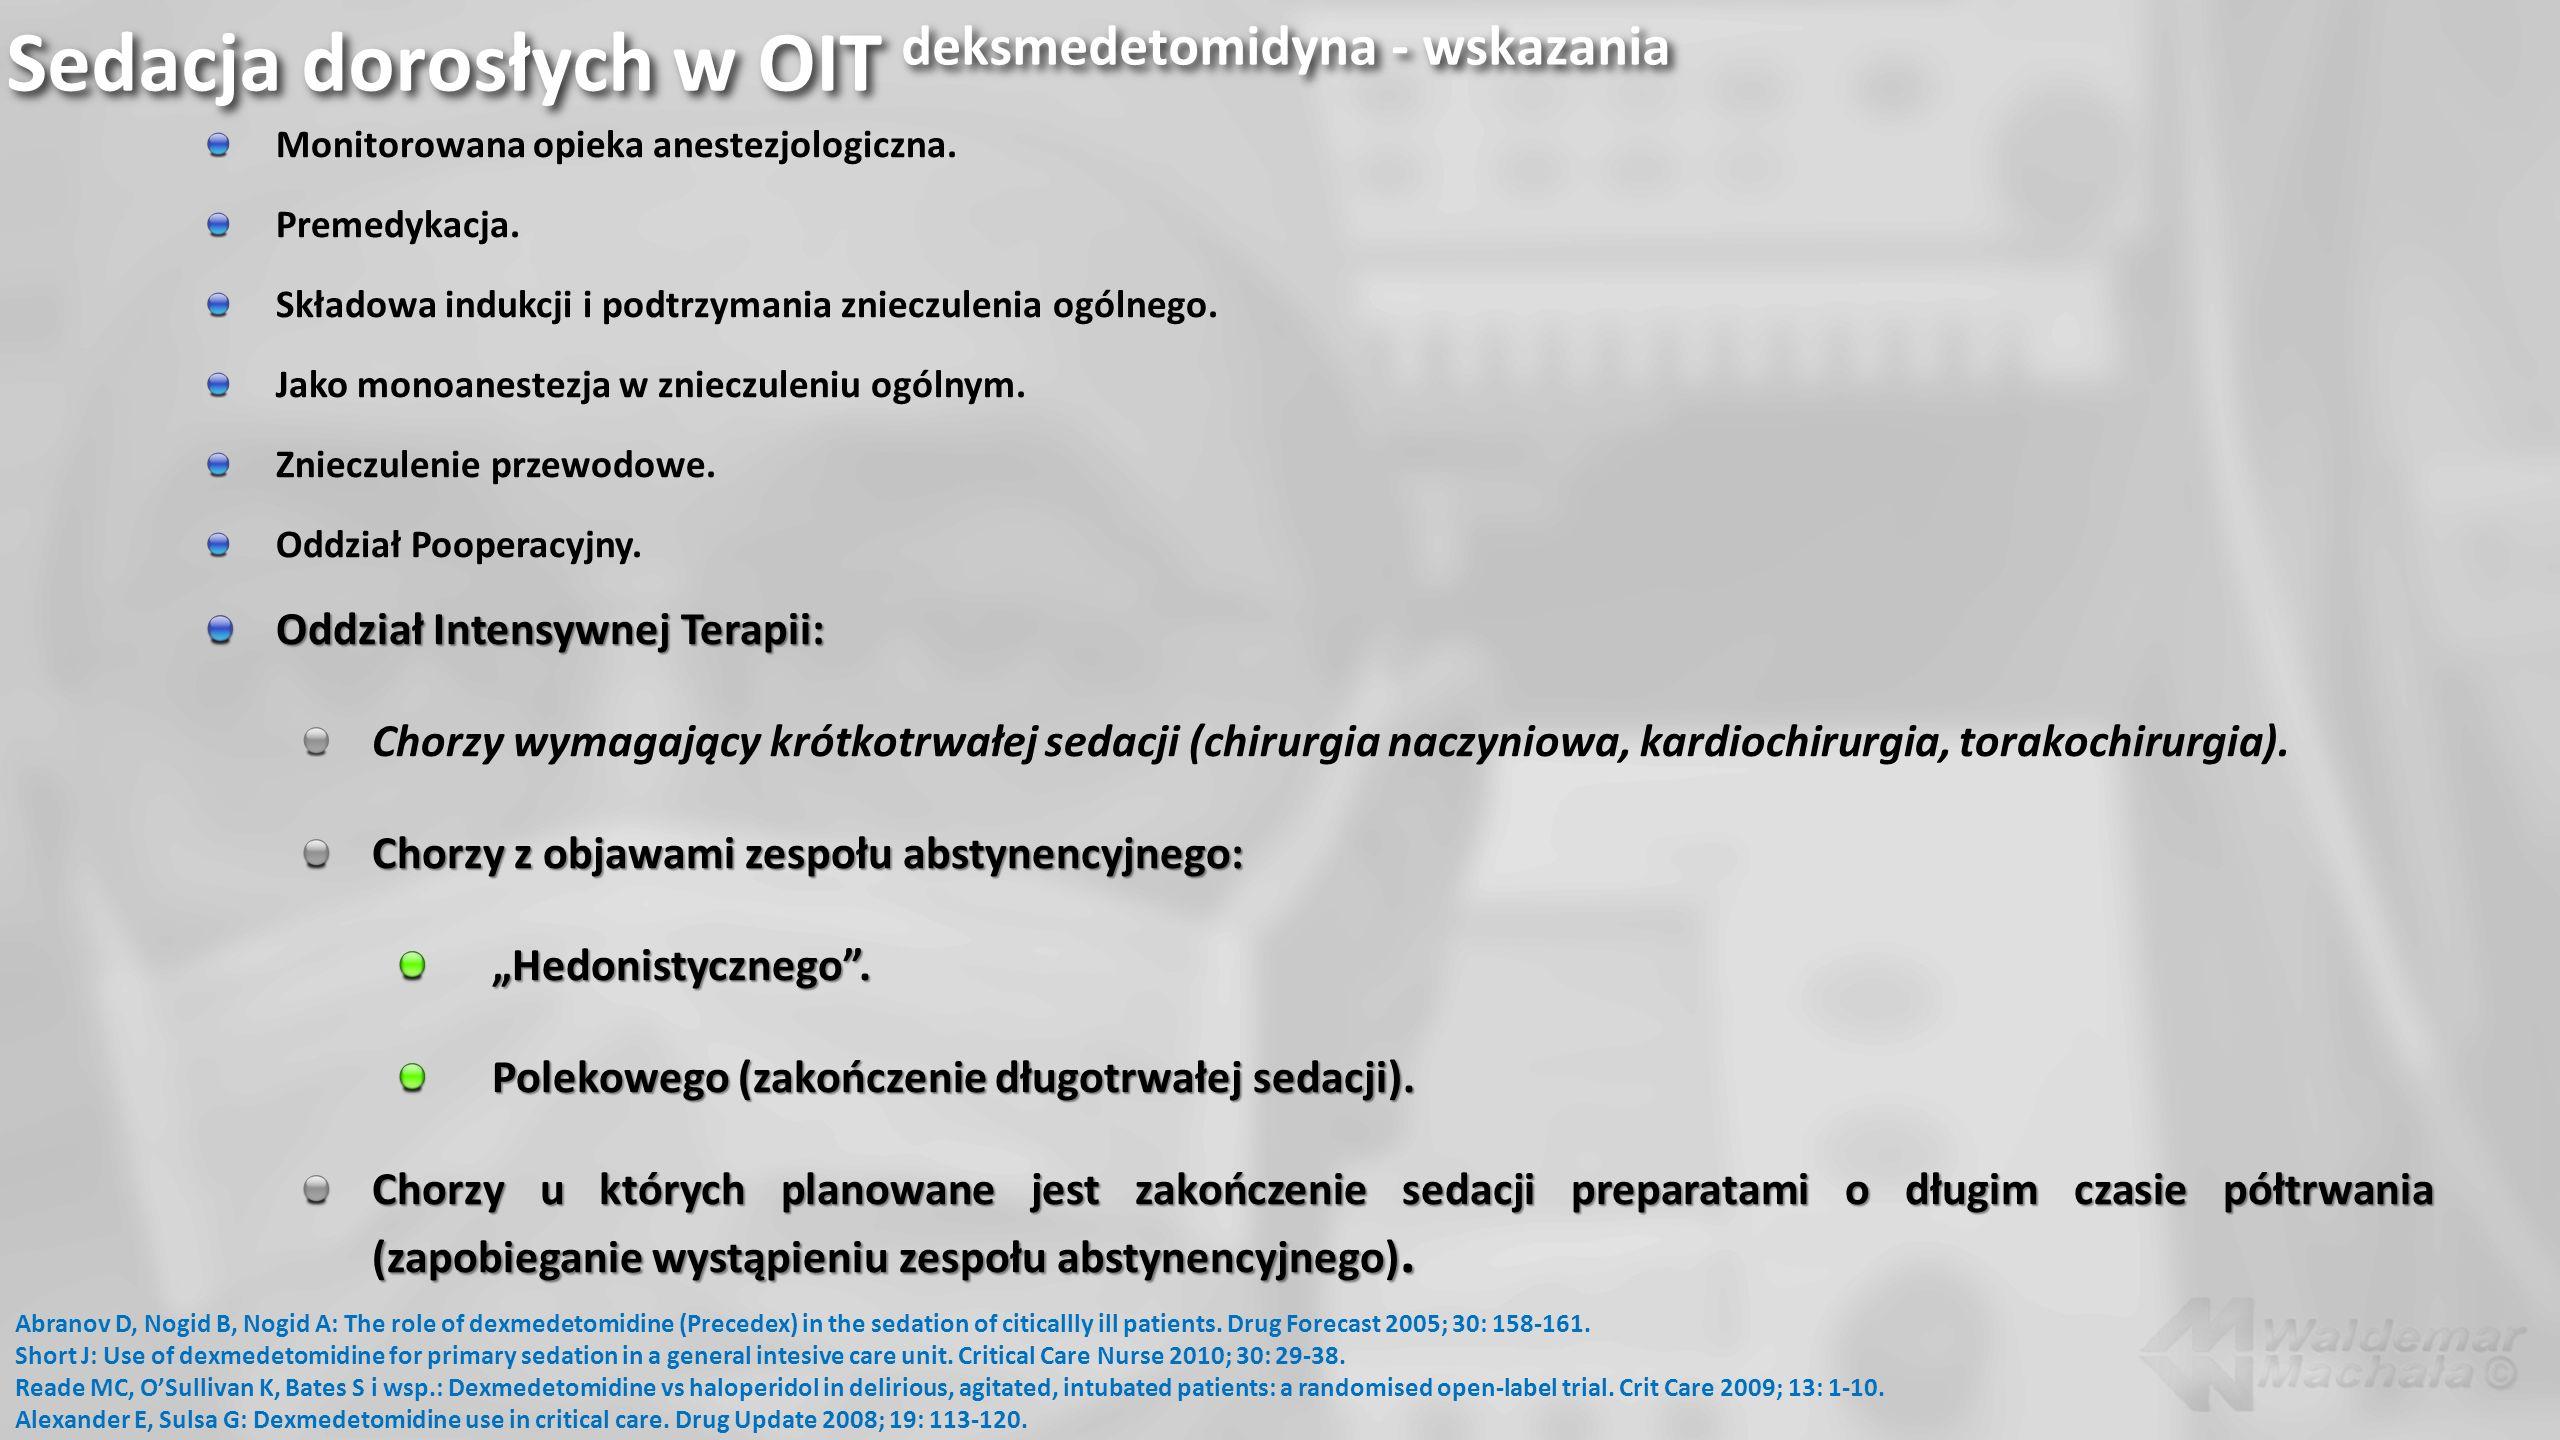 Sedacja dorosłych w OIT deksmedetomidyna - wskazania